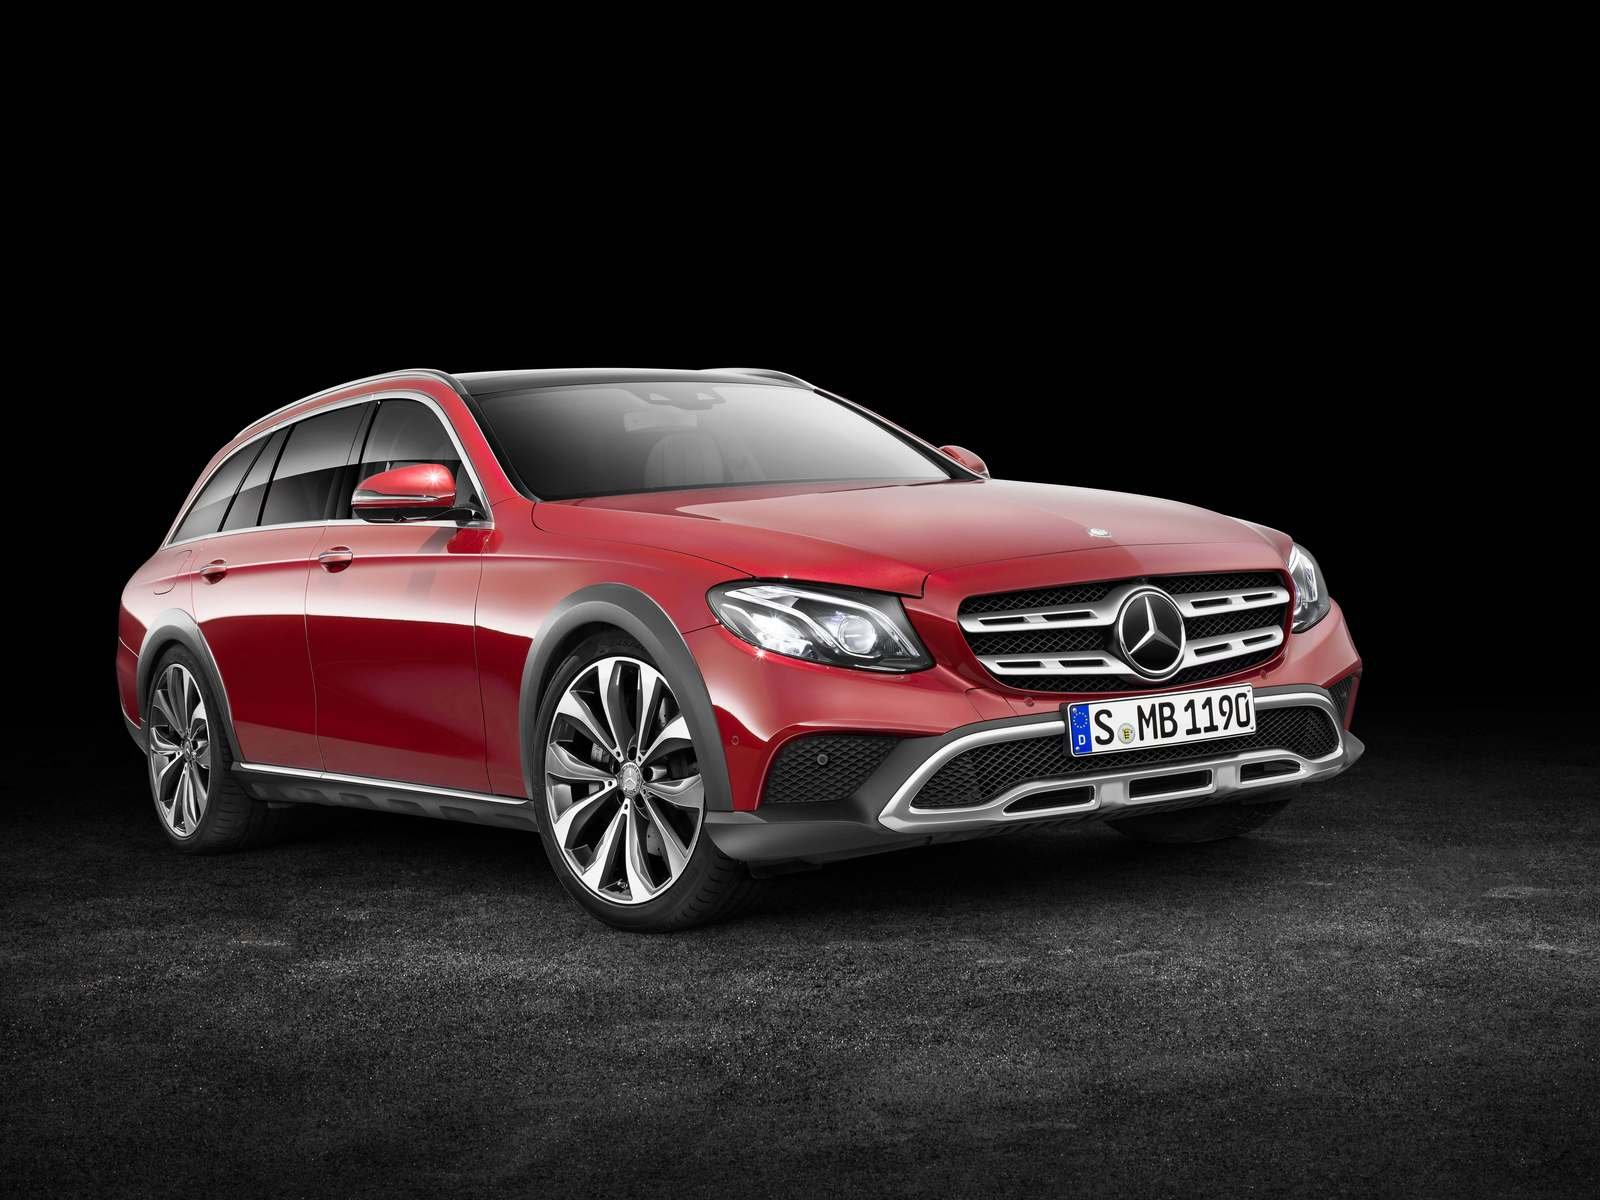 Mercedes E-Class All-Terrain Wallpaper